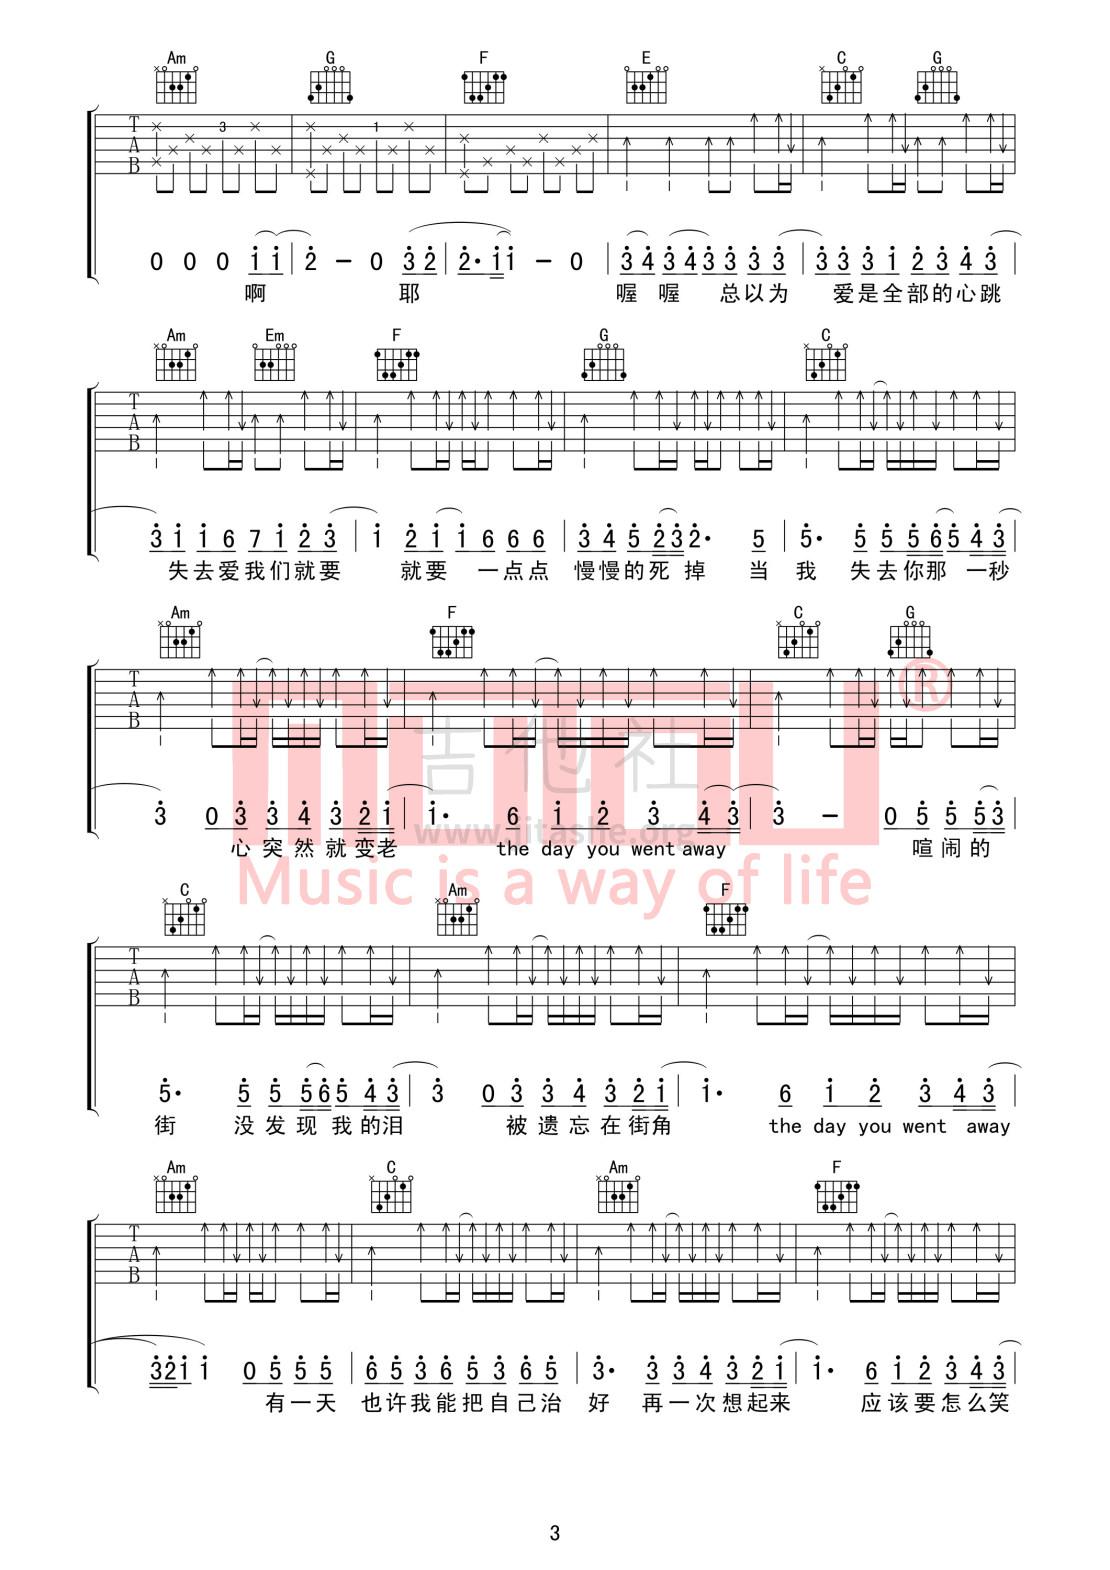 第一次爱的人吉他谱(图片谱,木头吉他屋,弹唱,C调)_王心凌(Cyndi Wang)_第一次爱的人03.jpg